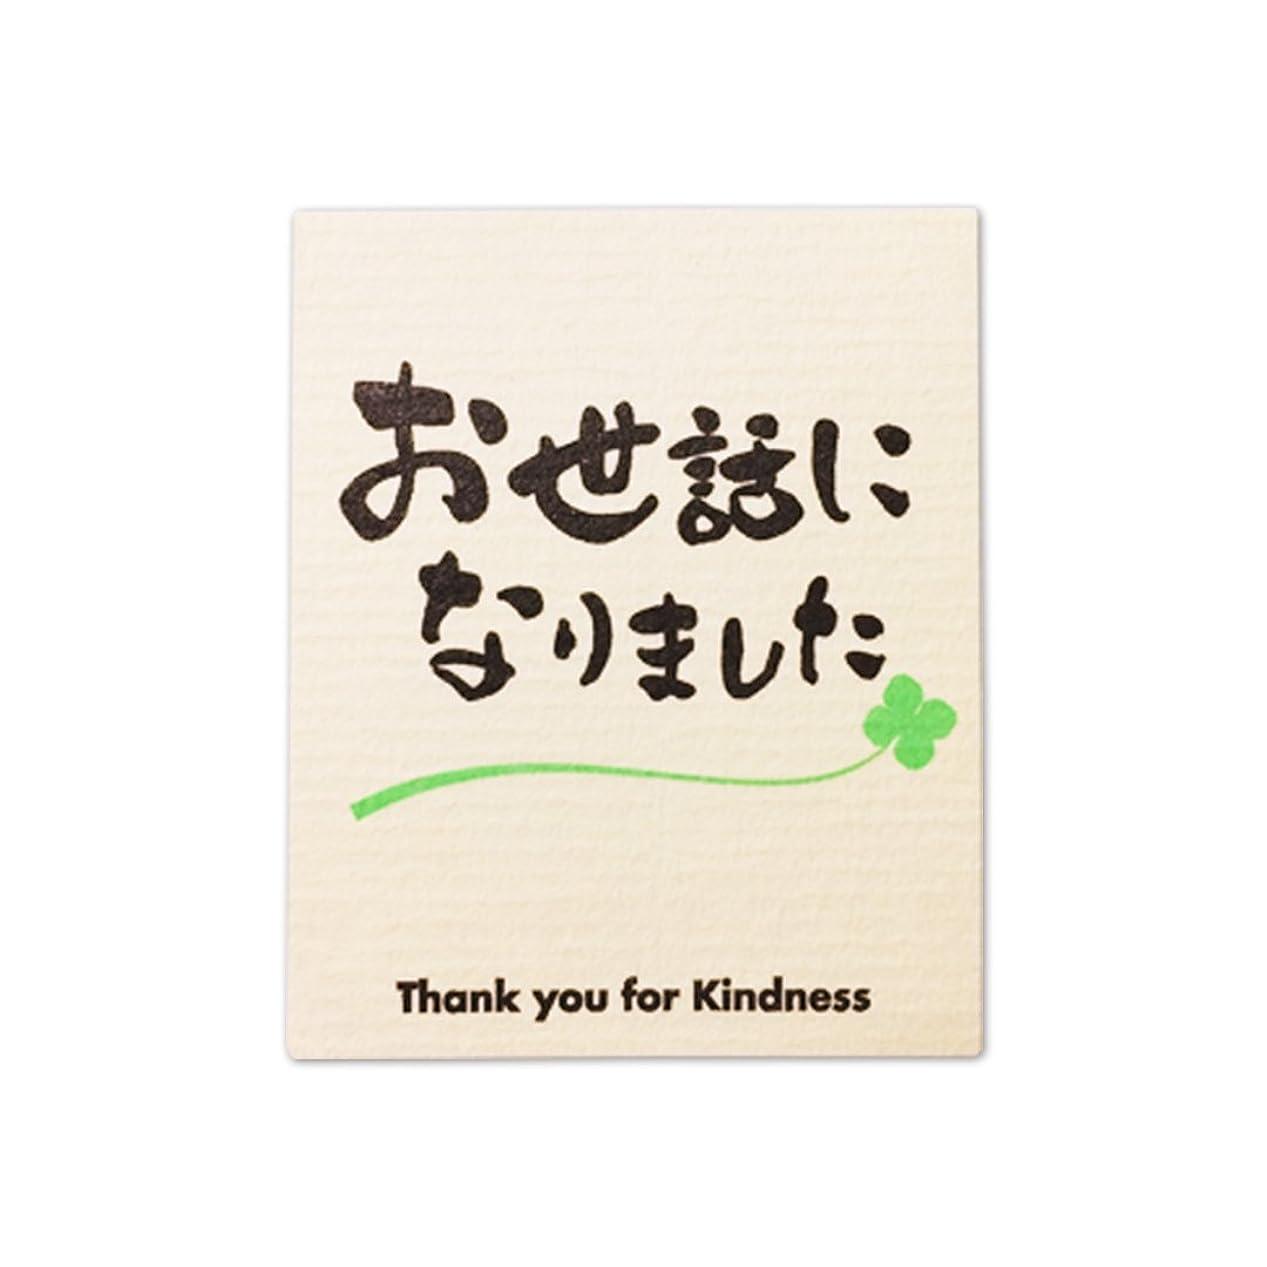 問い合わせタイト狐Thank you ありがとう ラッピング ラベル ステッカー ギフトシール 4cm 円型&正方形 2種 120枚 (クラフト&ブラック2色セット)